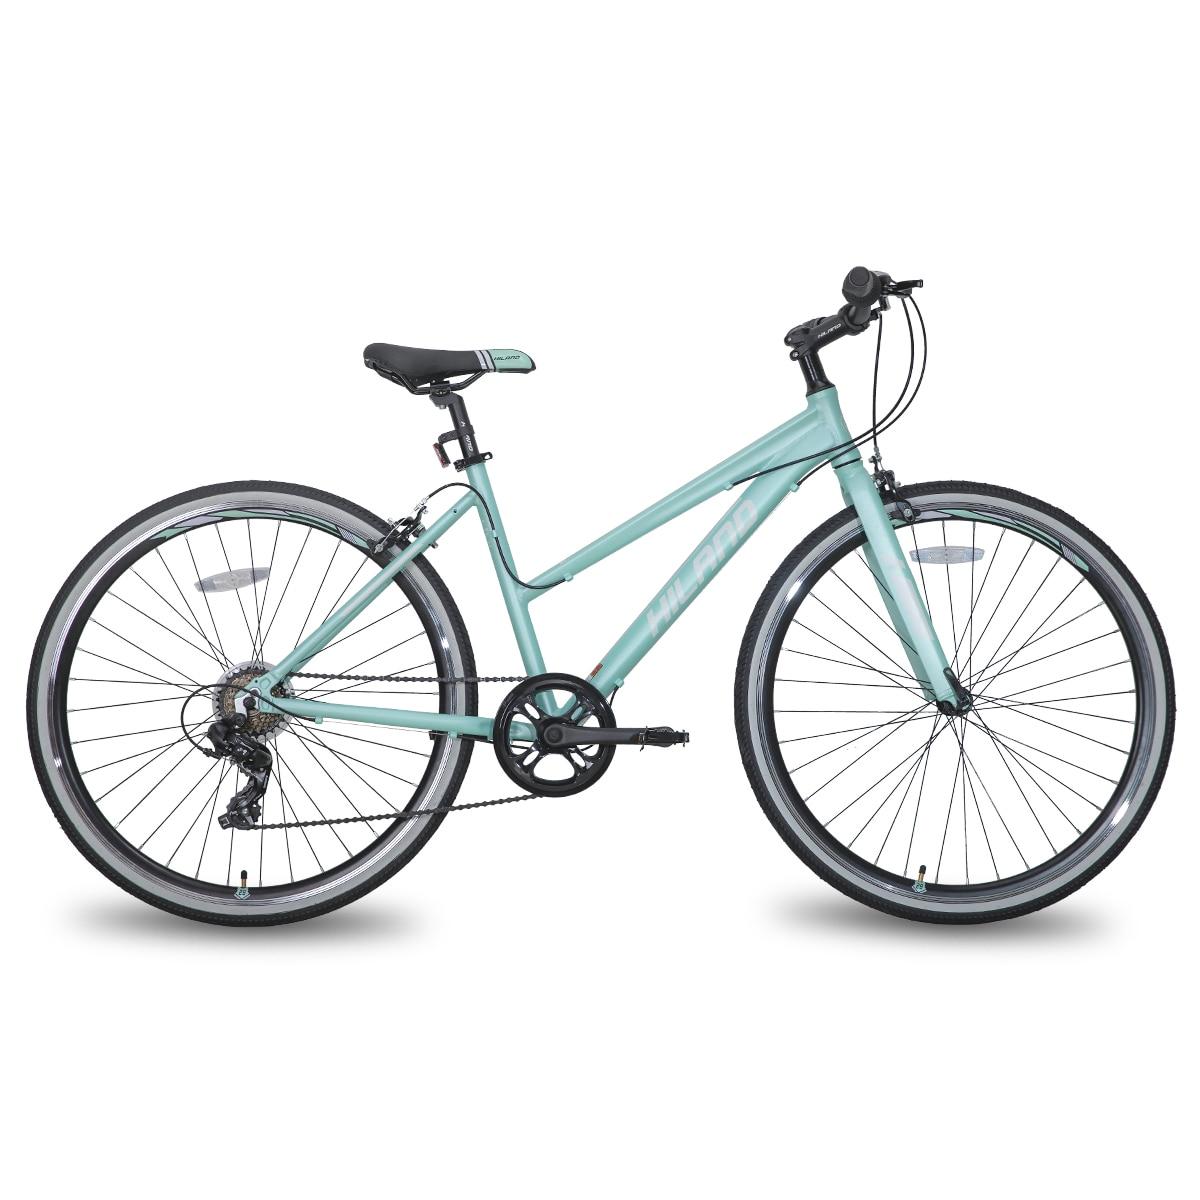 Нидерланды склада ЕС Бесплатная доставка HILAND 700C Алюминий рама городского велосипеда Cruiser гибридный велосипед двойной дисковый тормоз Запч...